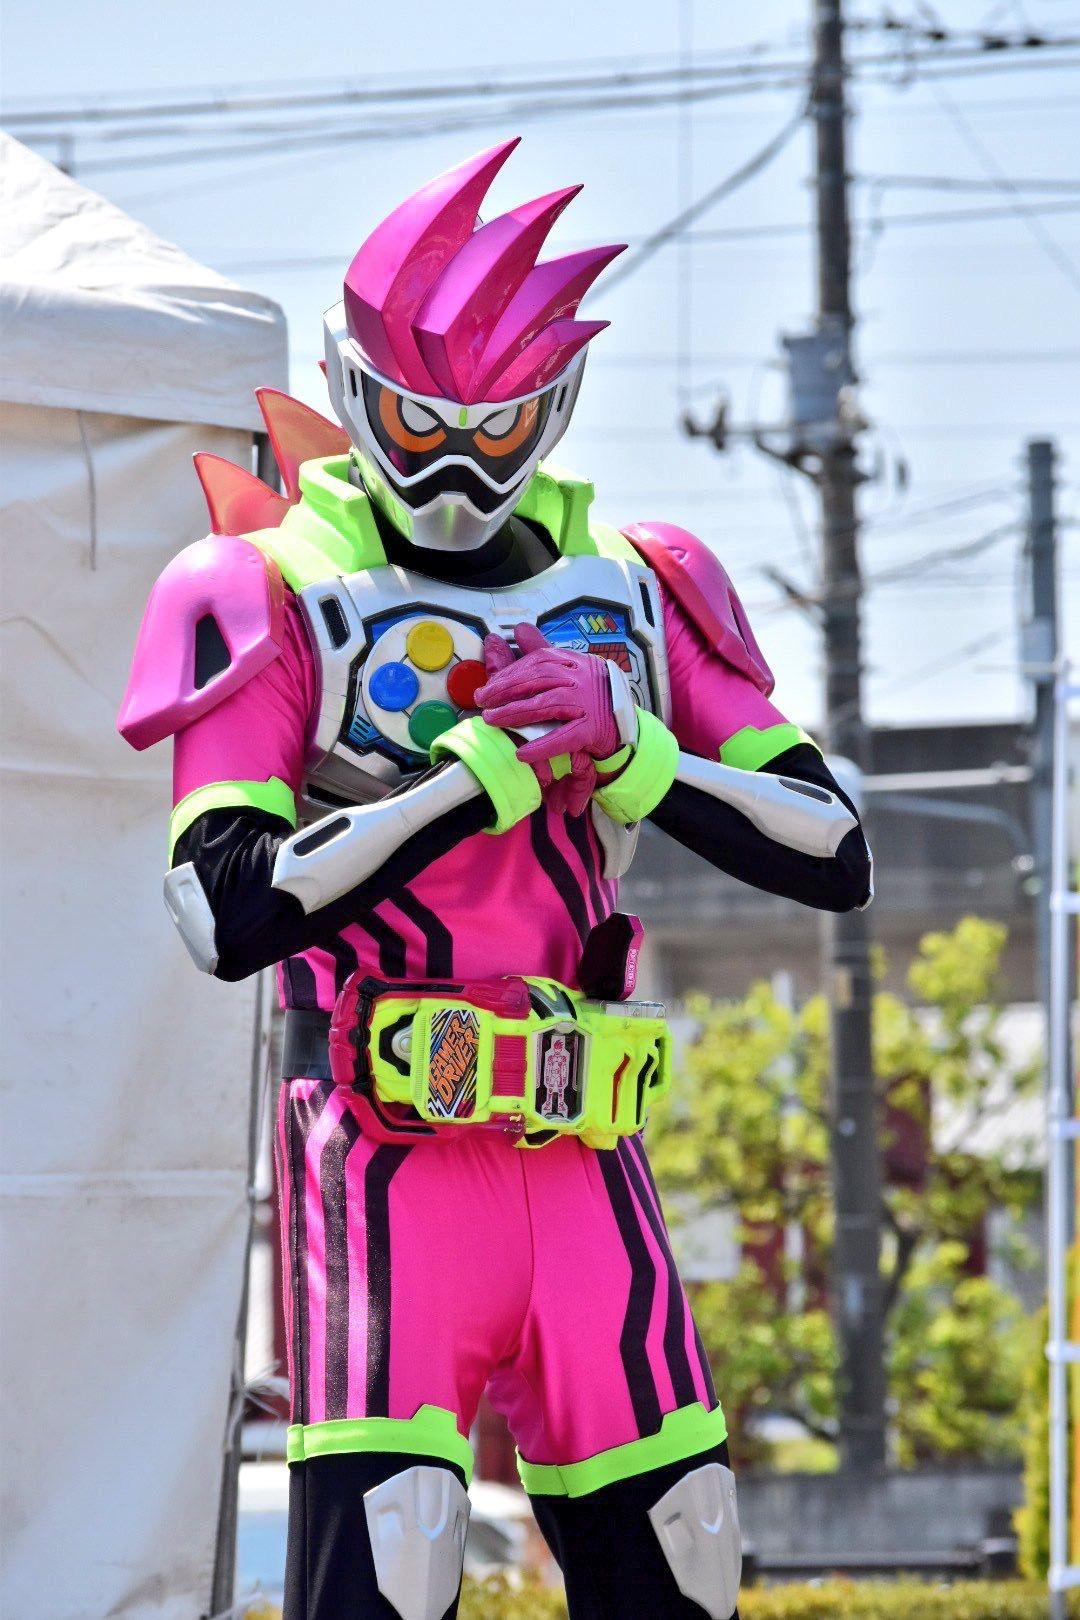 Photo From A15 Photo On Twitter Kamen Rider Kamen Rider Ex Aid Kamen Rider Series